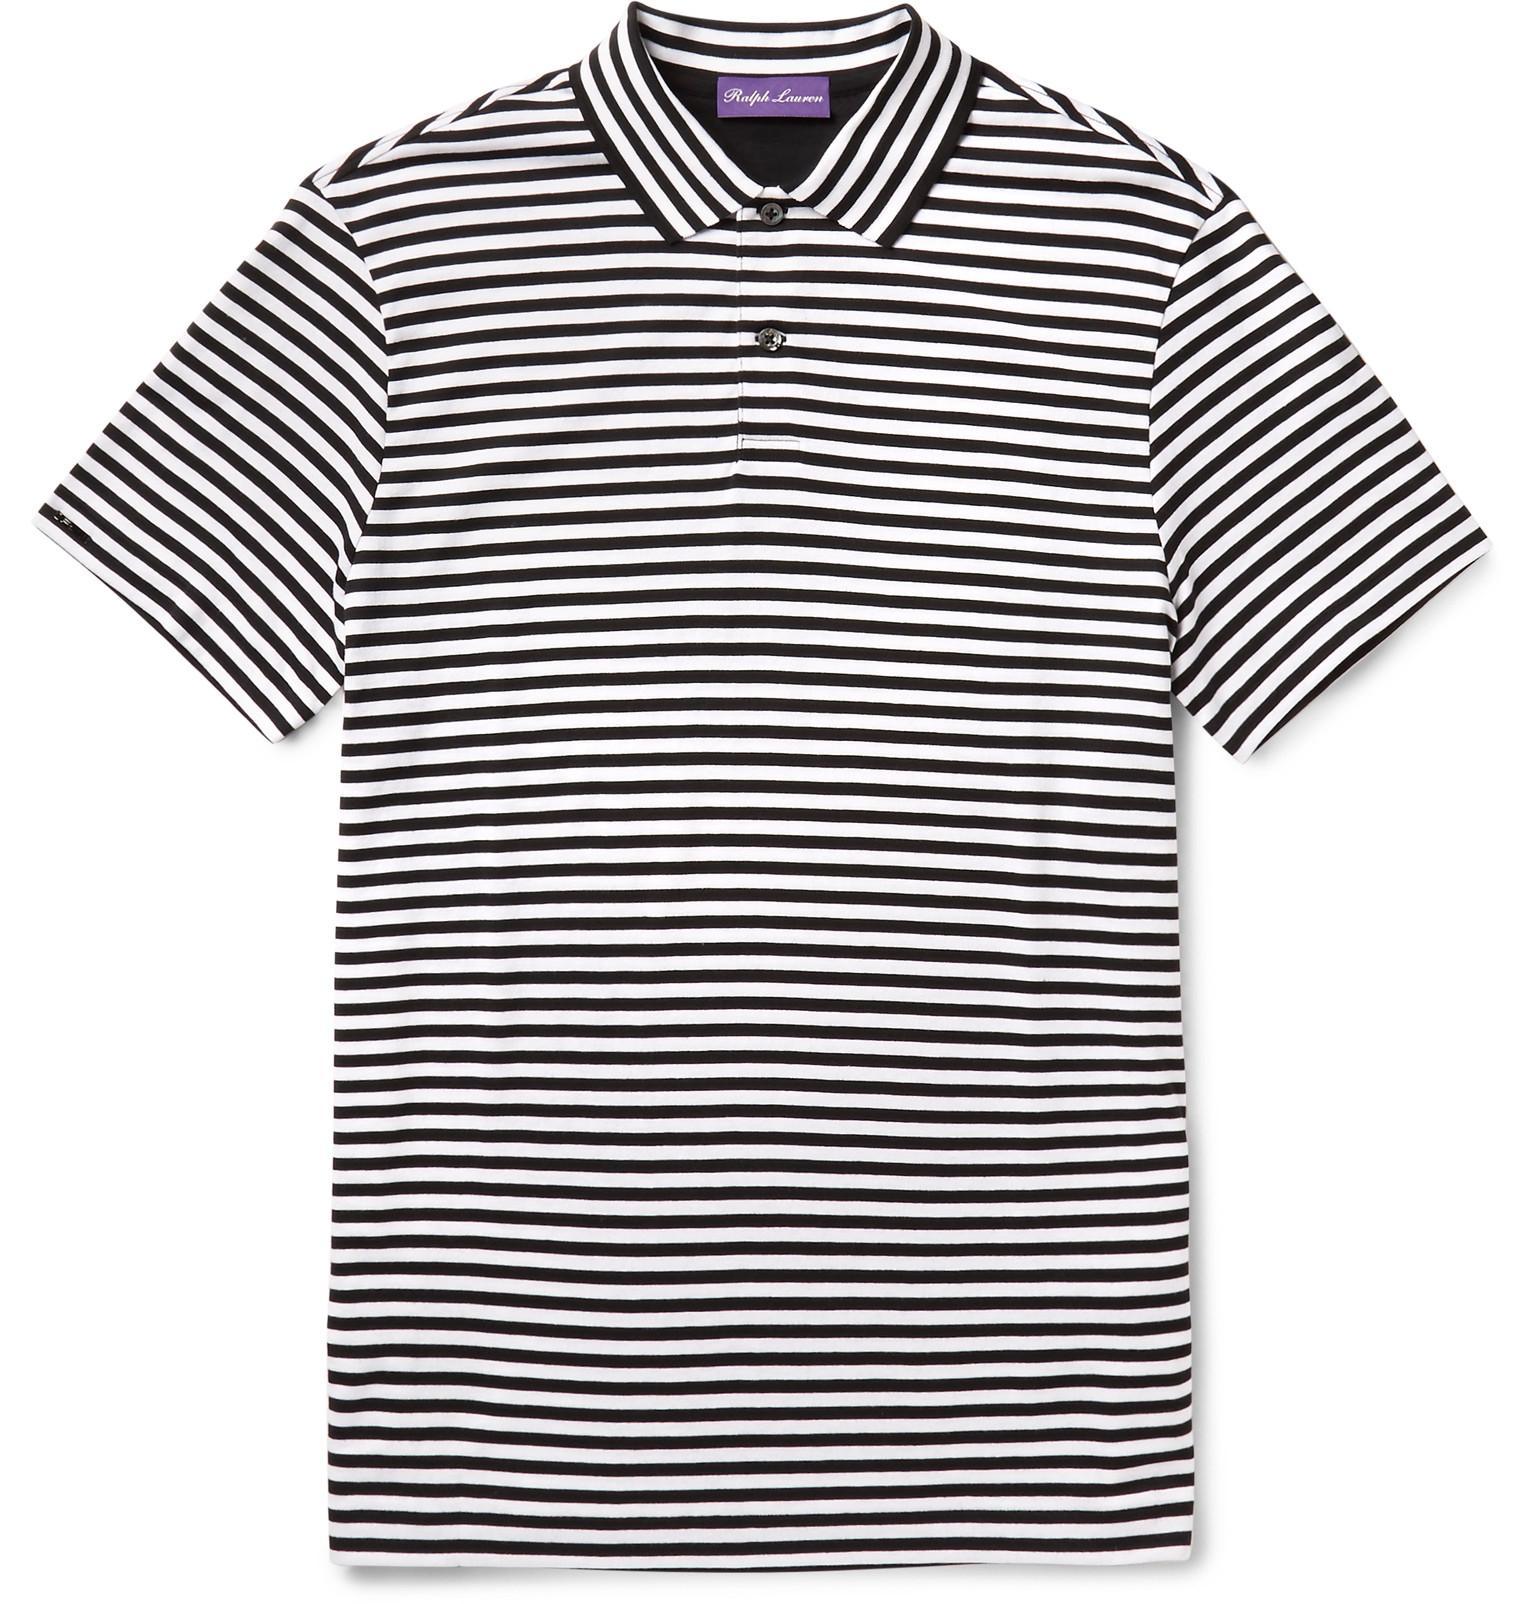 Ralph lauren purple label striped pima cotton jersey polo for Ralph lauren black label polo shirt